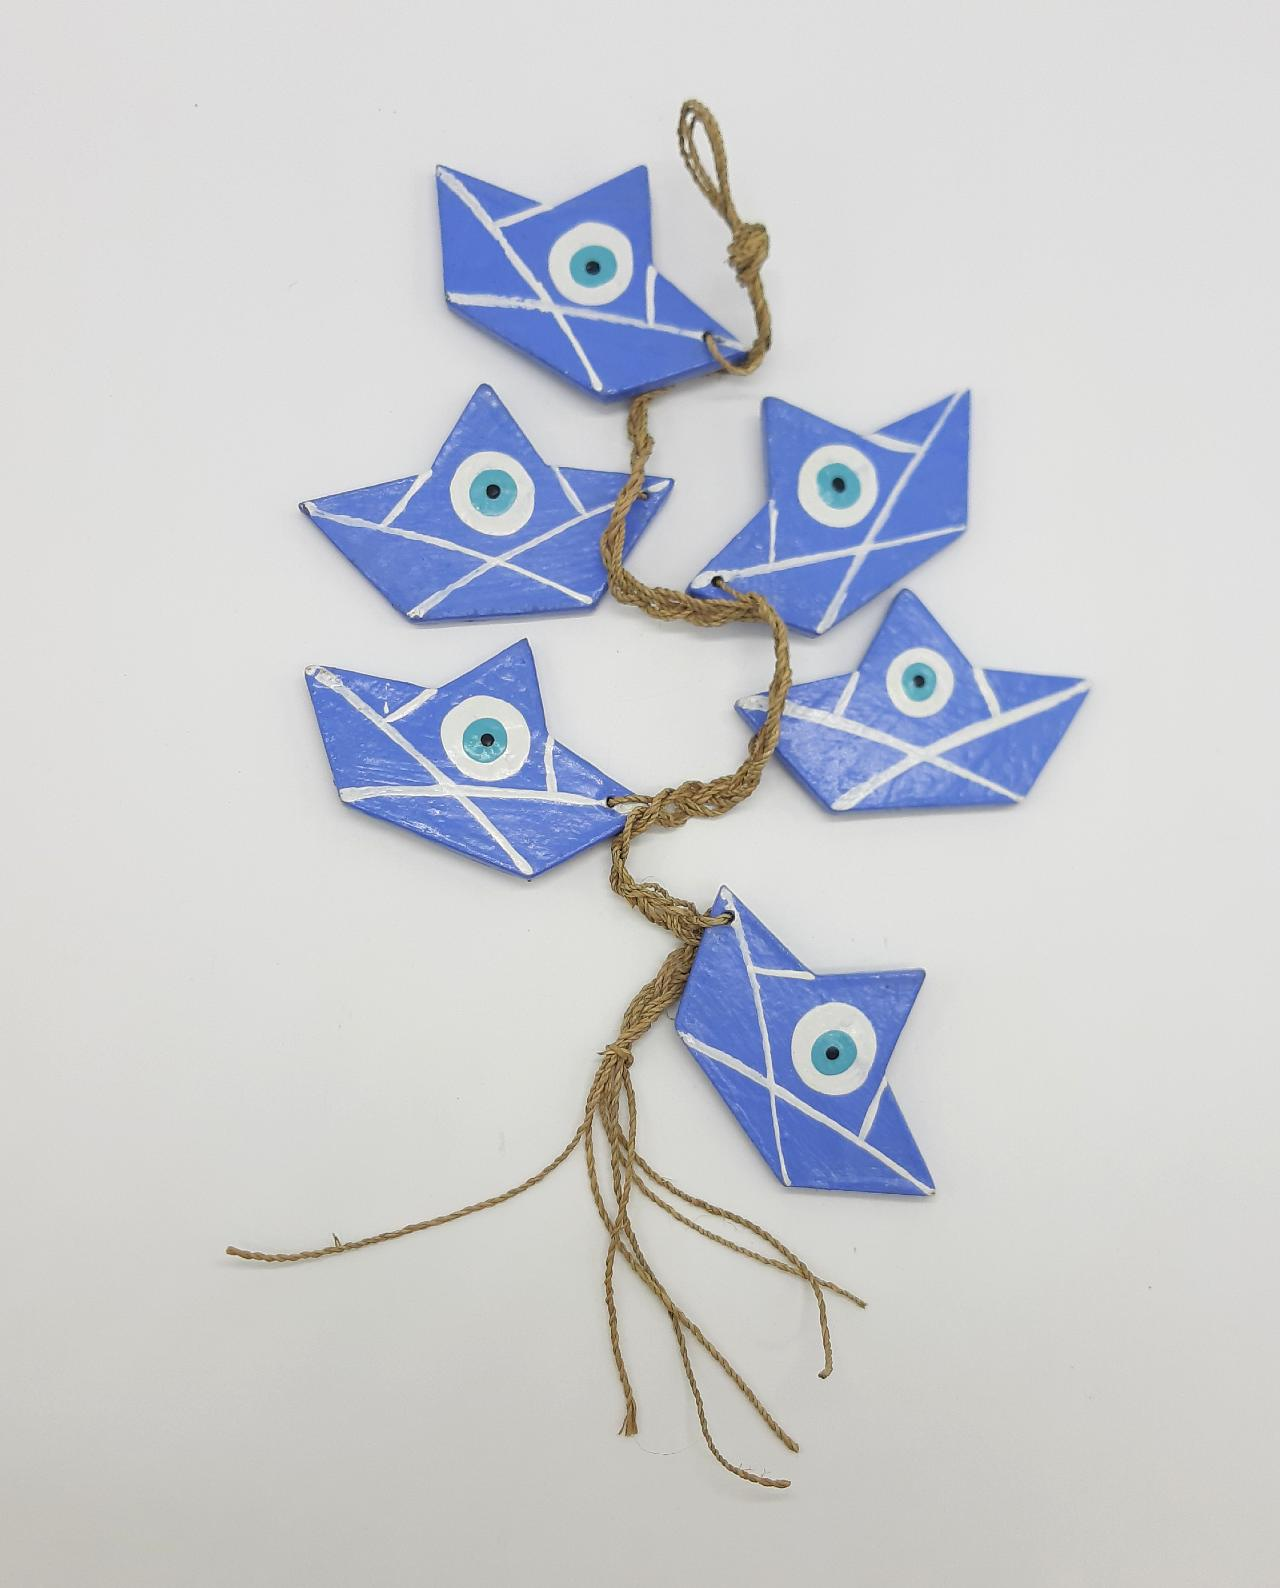 Γιρλάντα 6 Καραβάκια Ματάκι Ξύλινα Χειροποίητα χρώμα λουλακί